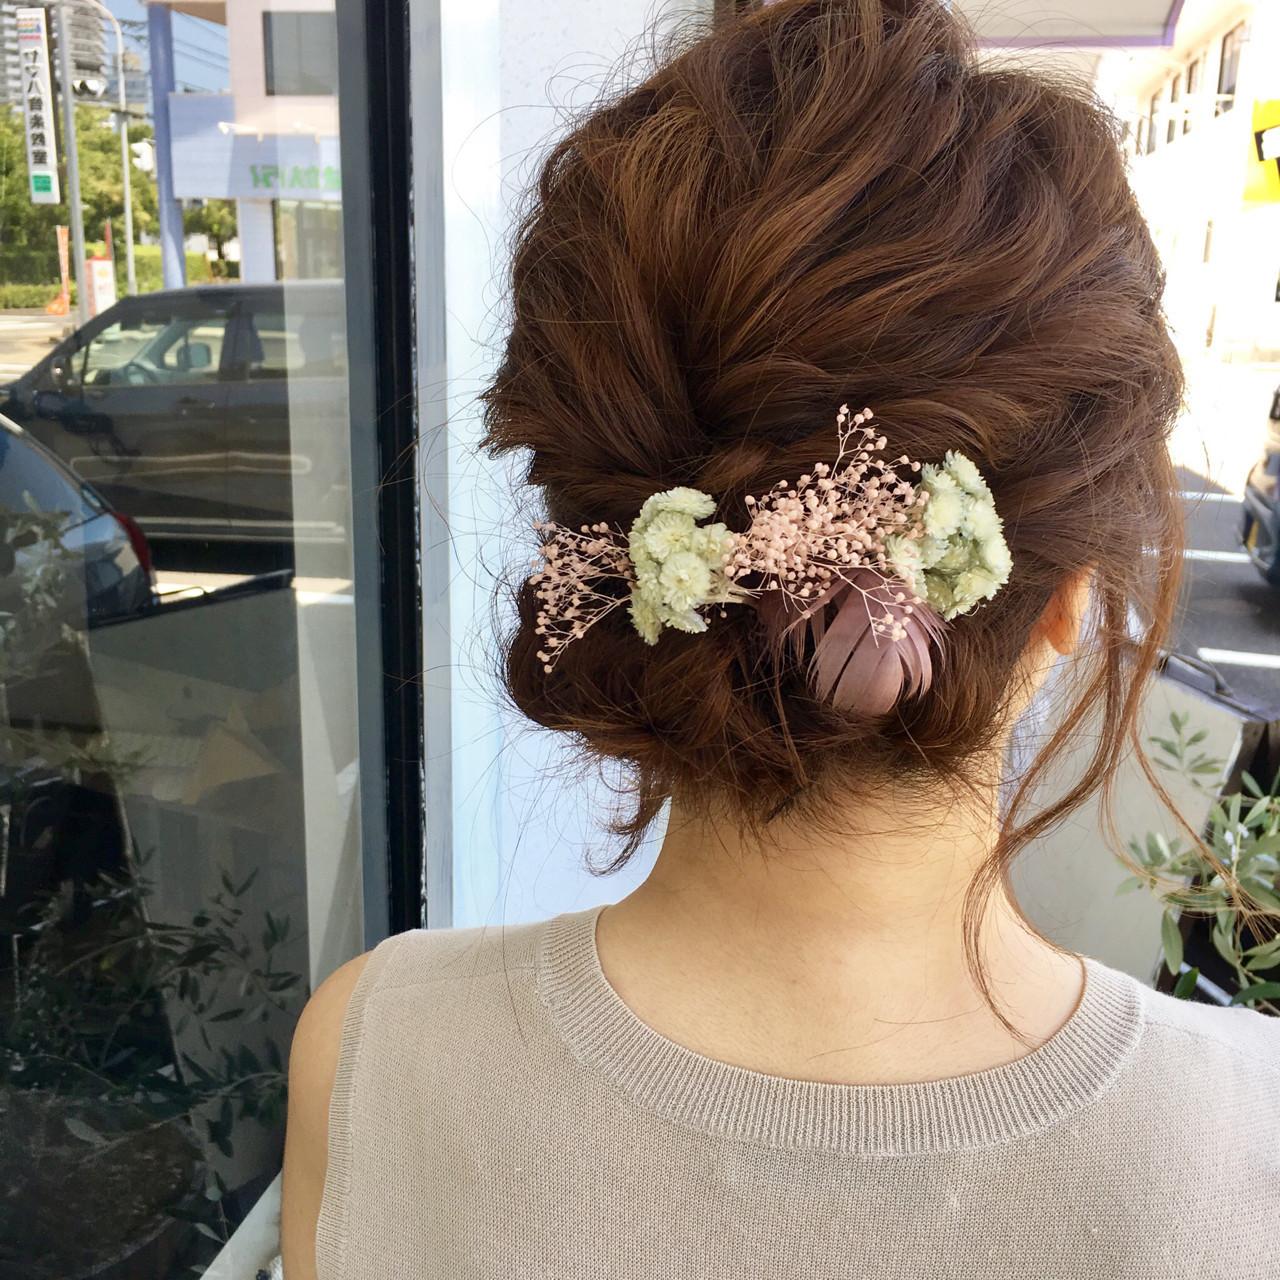 結婚式に!きれいめお呼ばれアレンジ hiroki